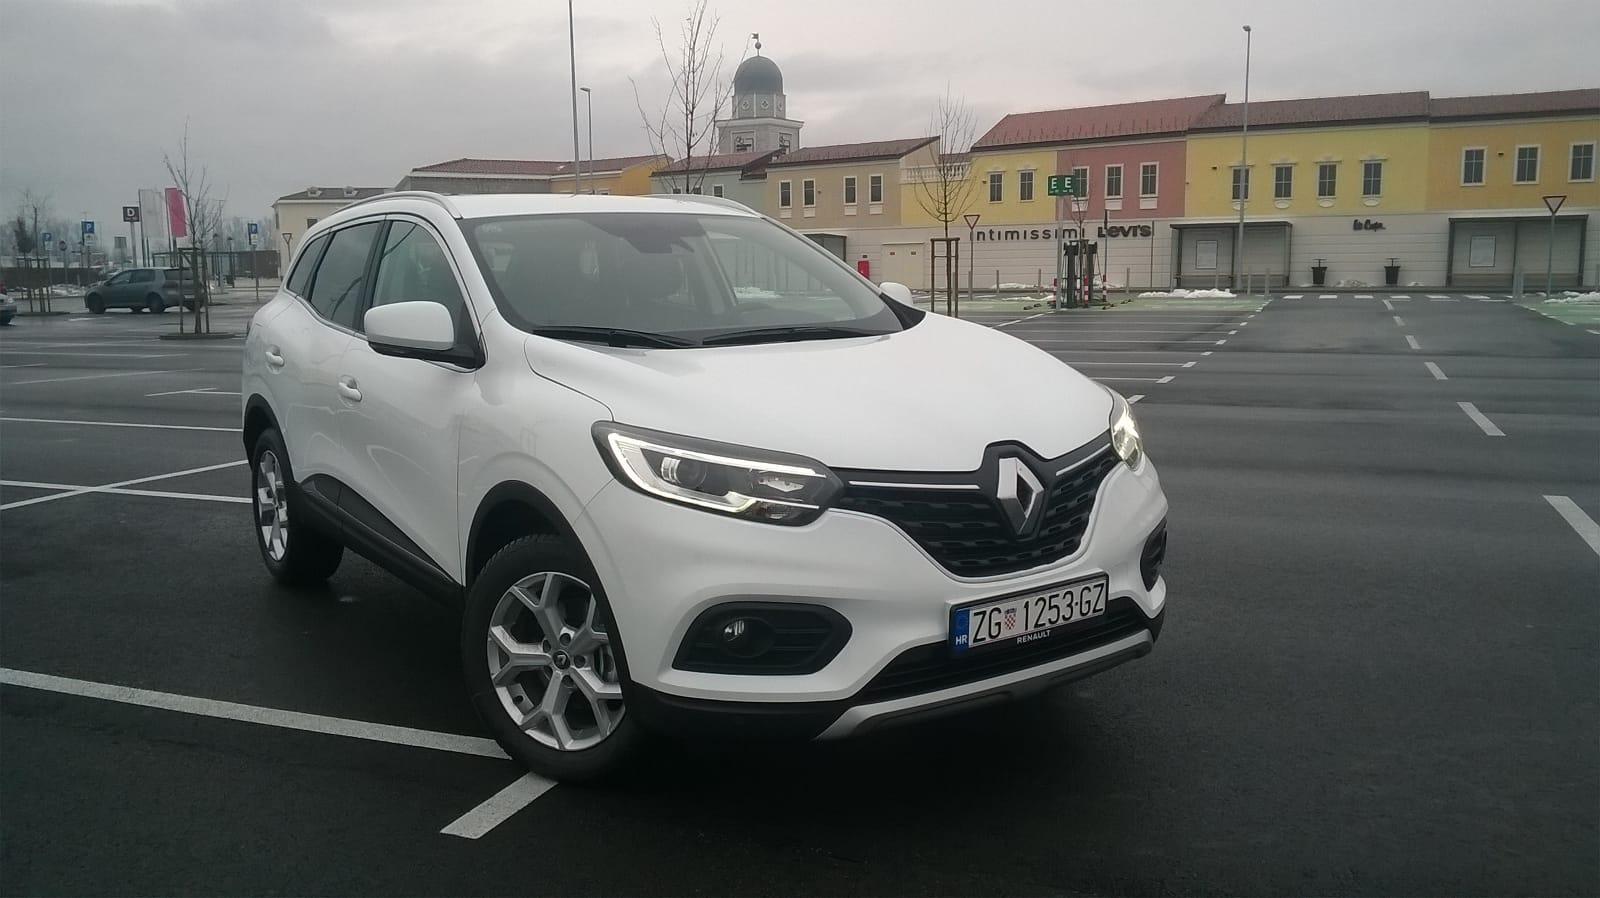 Vozili smo novi Renault Kadjar facelift: Sasvim novo srce i malo estetske kirurgije